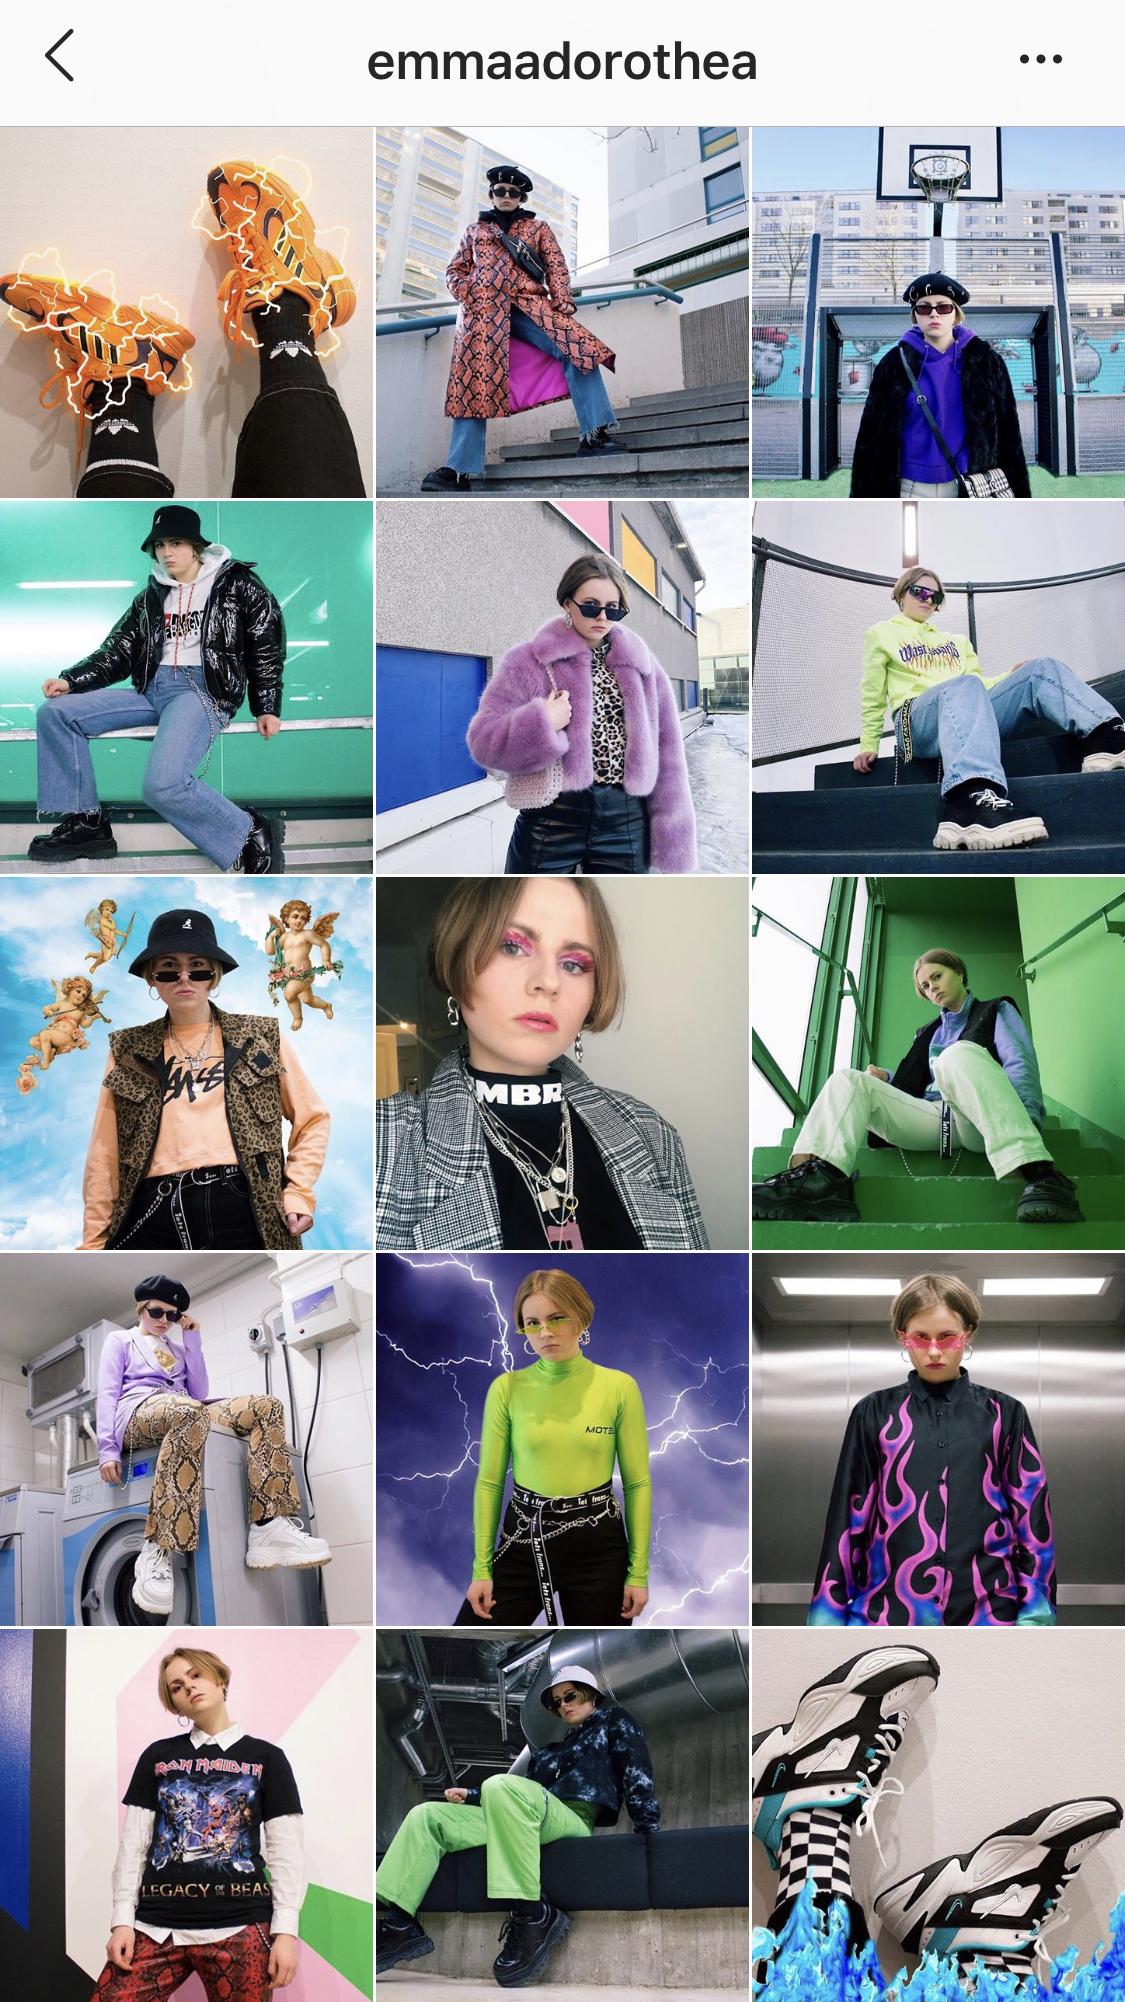 Emma-Dorothea-Scandinavian-Streetwear-Outfit.jpg